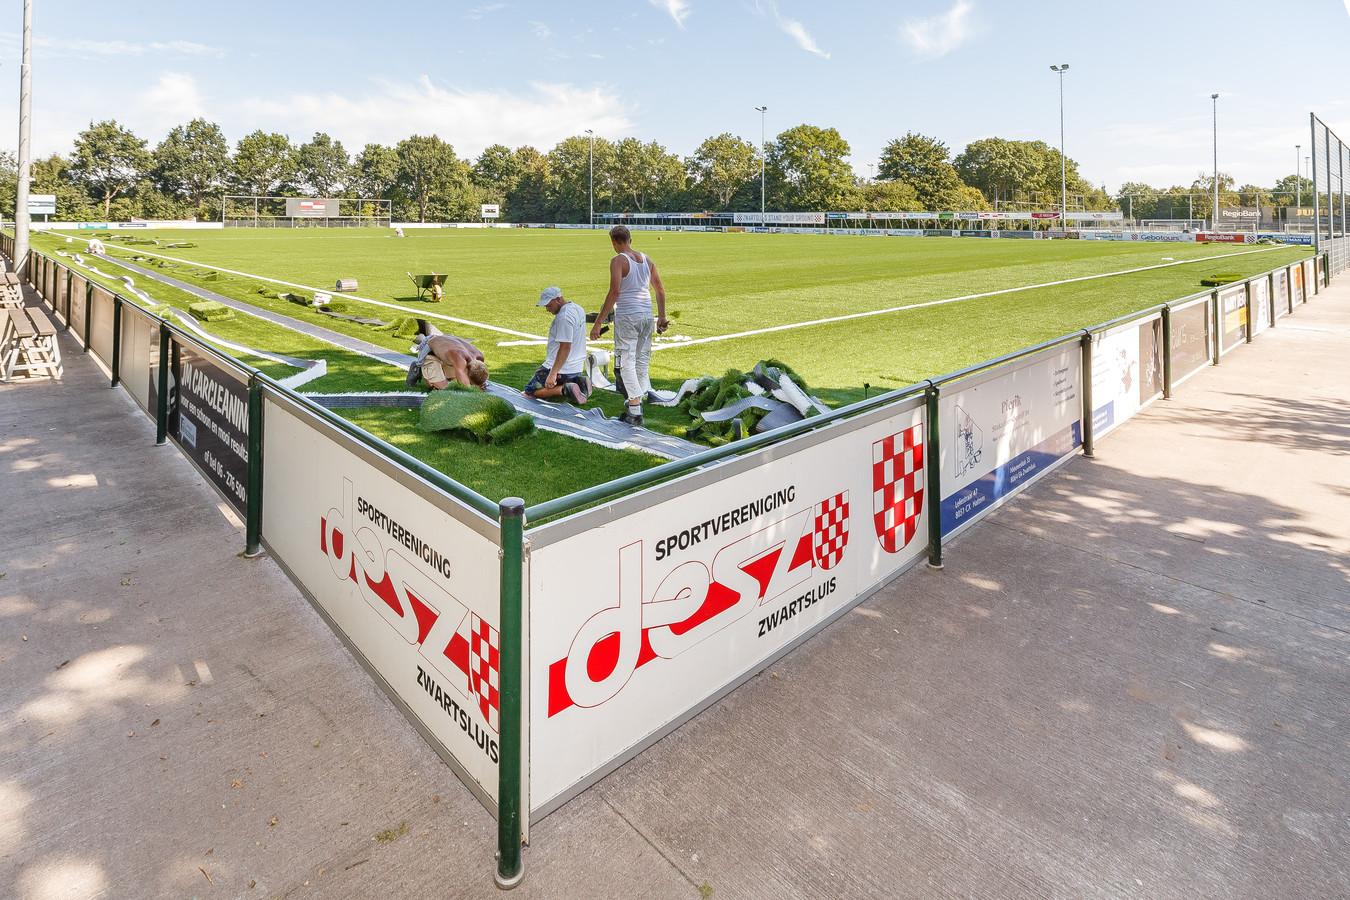 De nieuwe kunstgrasmat op het hoofdveld van sportpark Cingellanden is vrijwel klaar